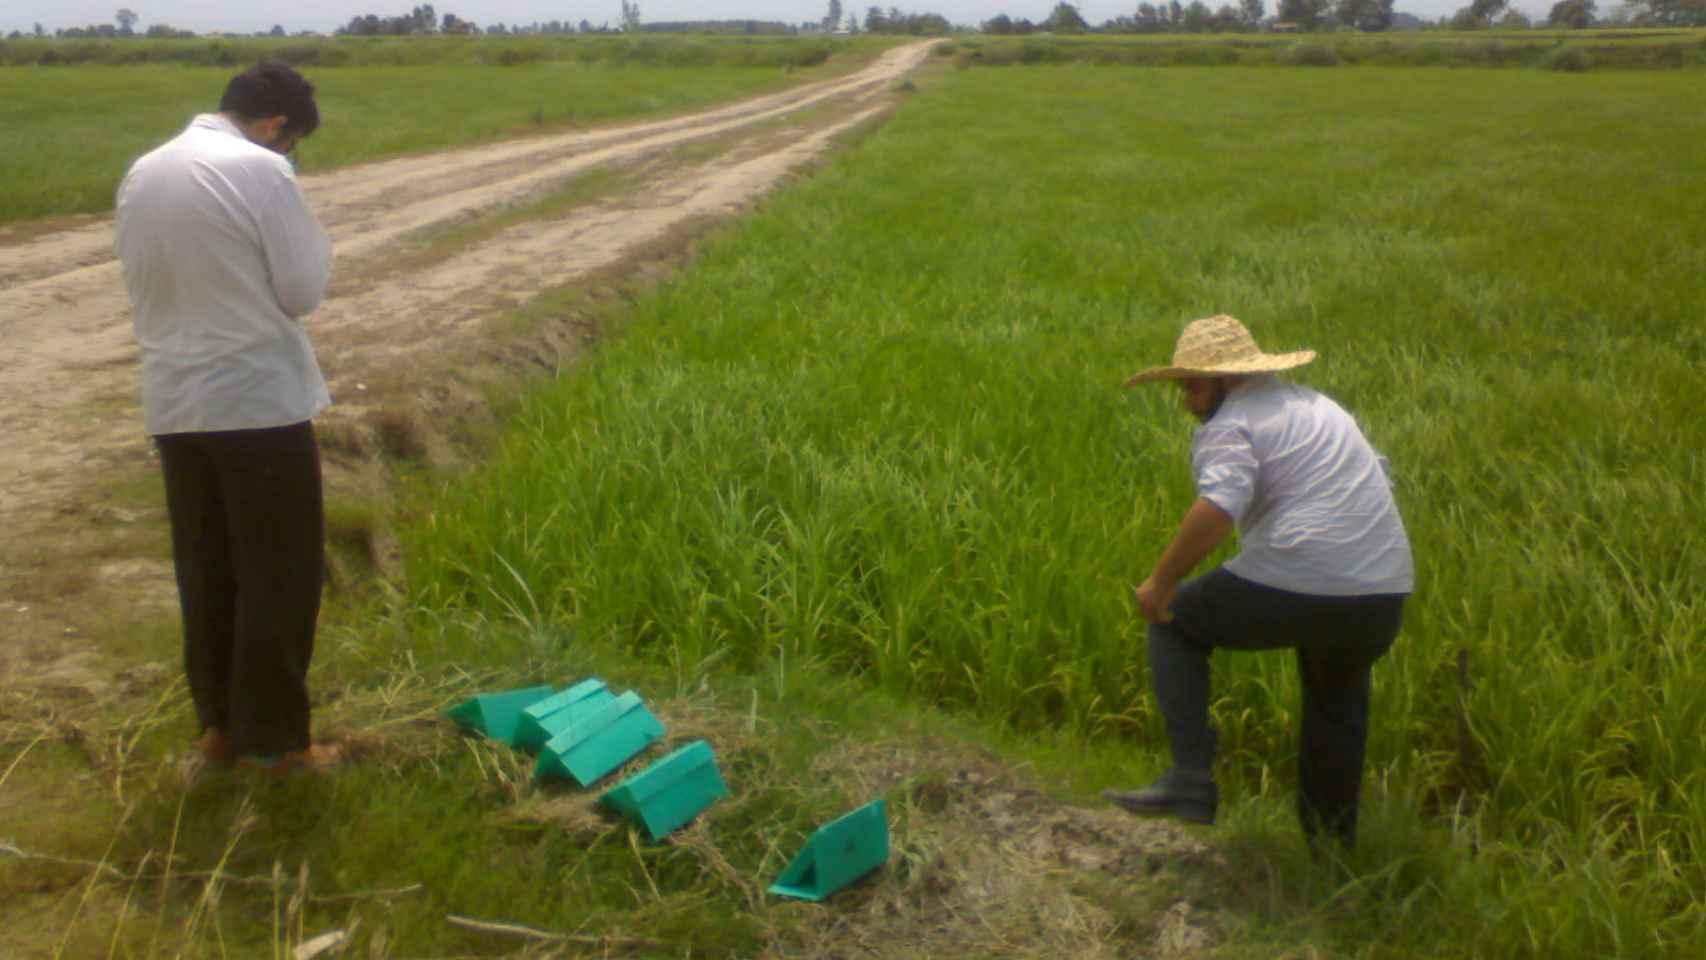 Agricultores iraníes colocando trampas de feromonas en un arrozal.